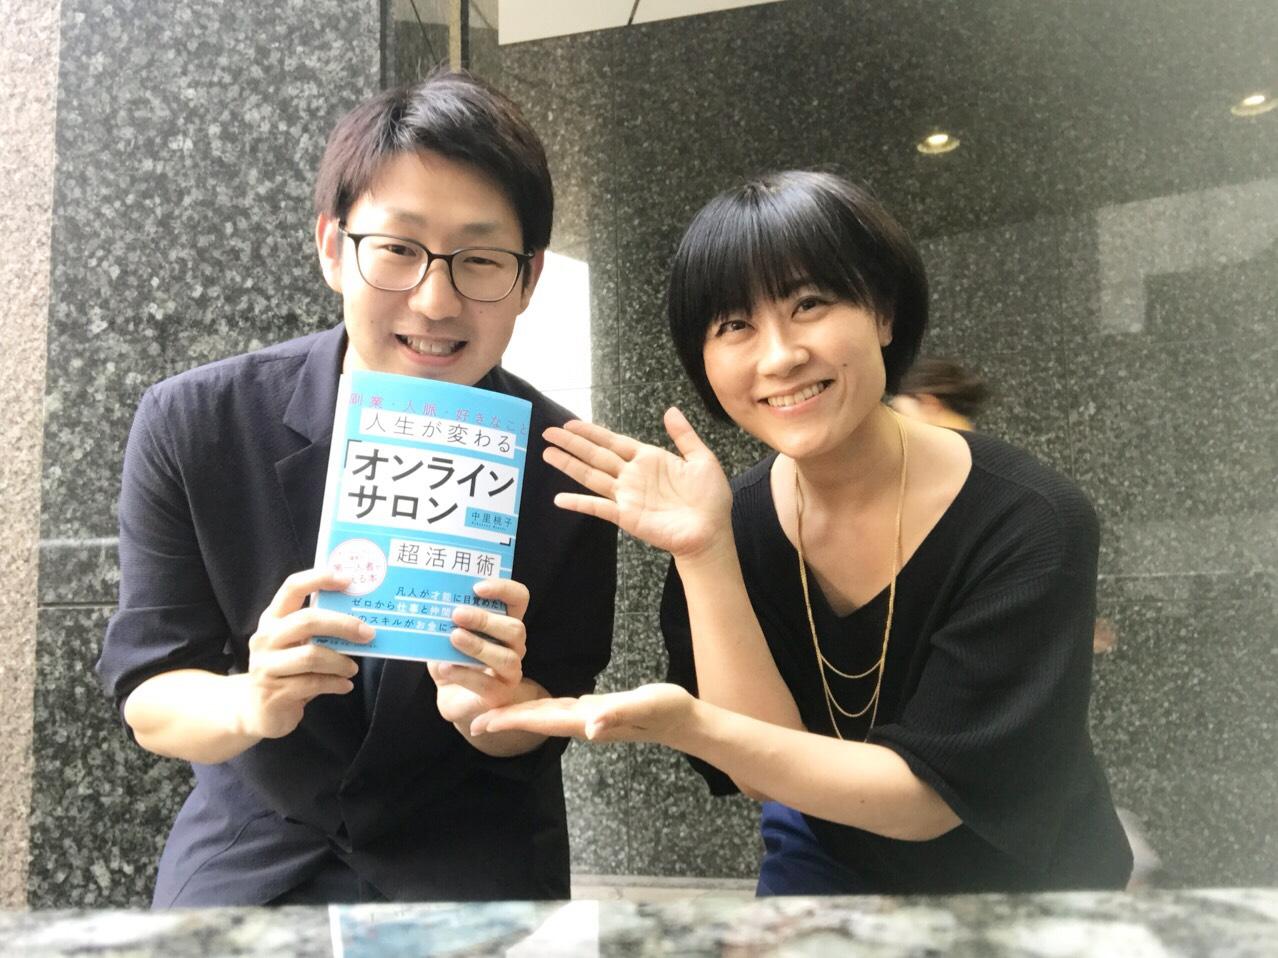 中里桃子さんと記念撮影